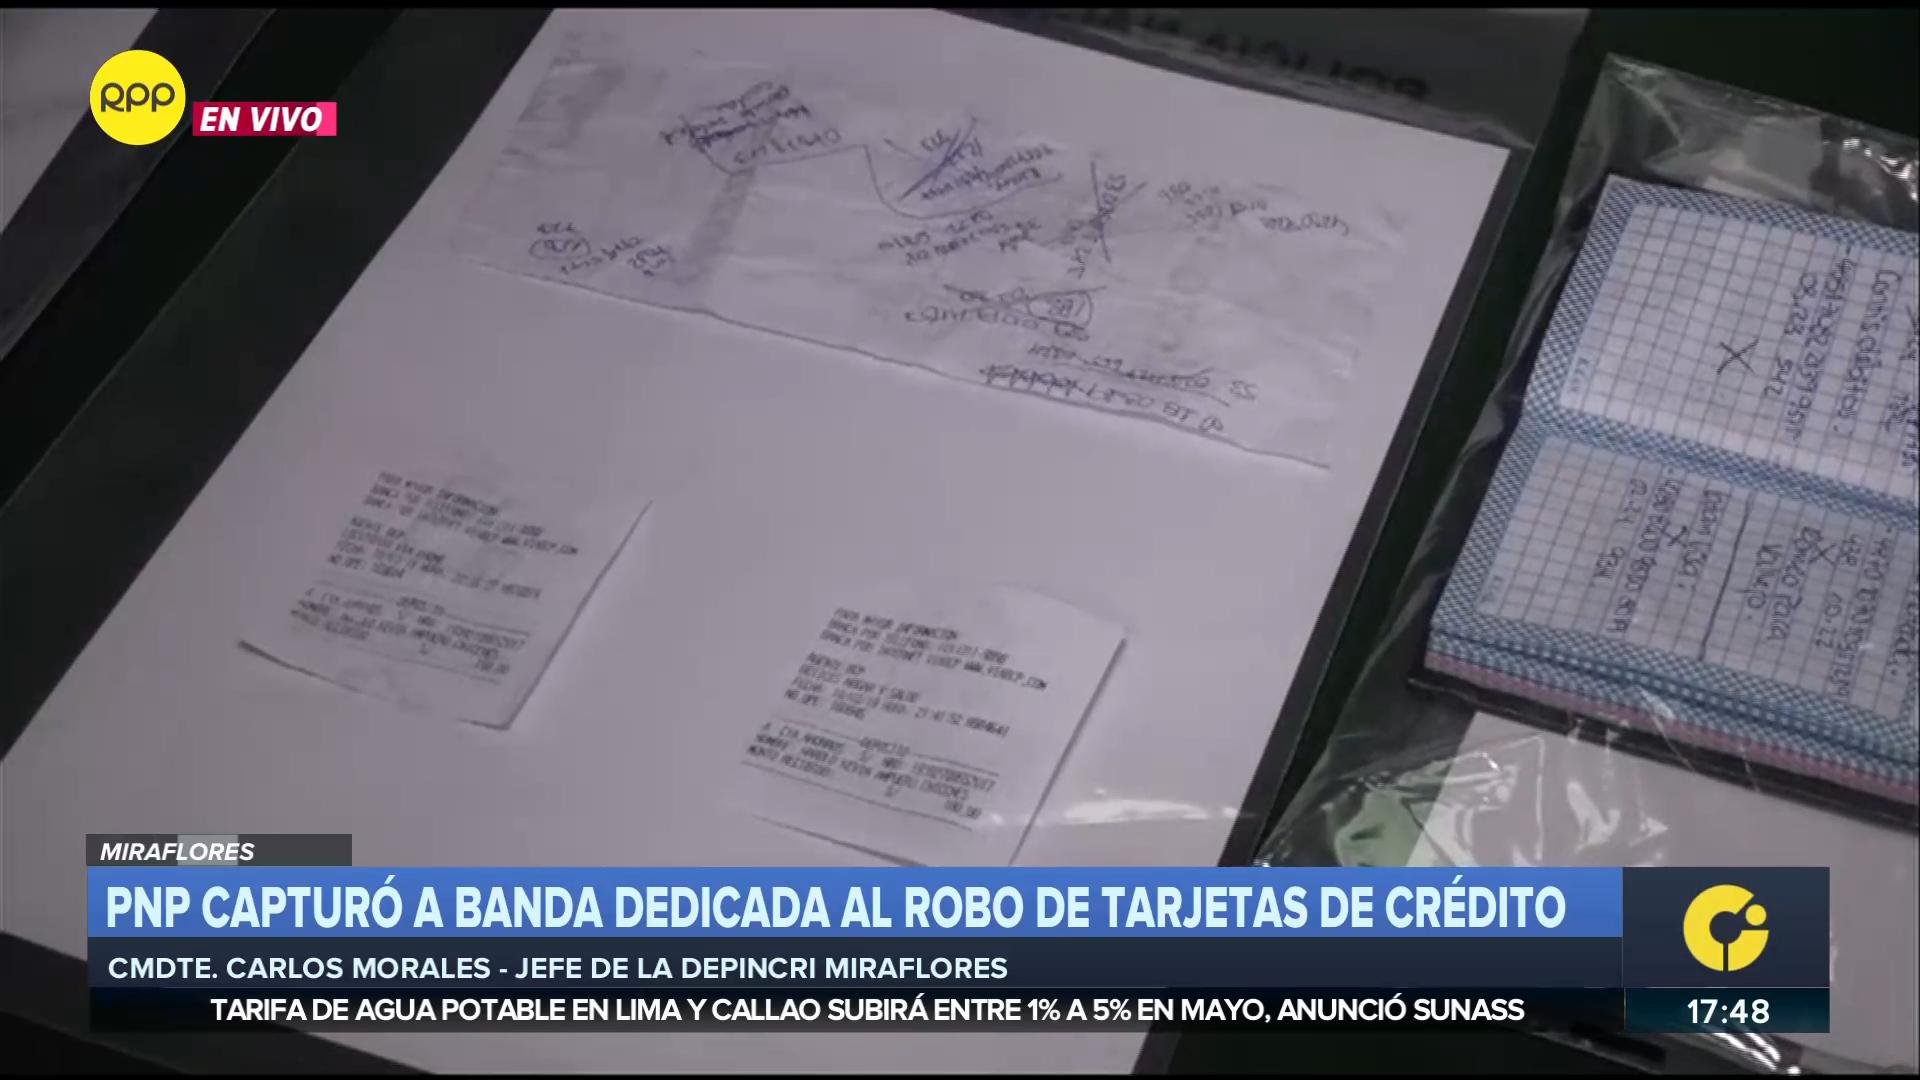 Los delincuentes tenían consigo vouchers de transacciones recientes así como una libreta donde habían apuntado los códigos robados.